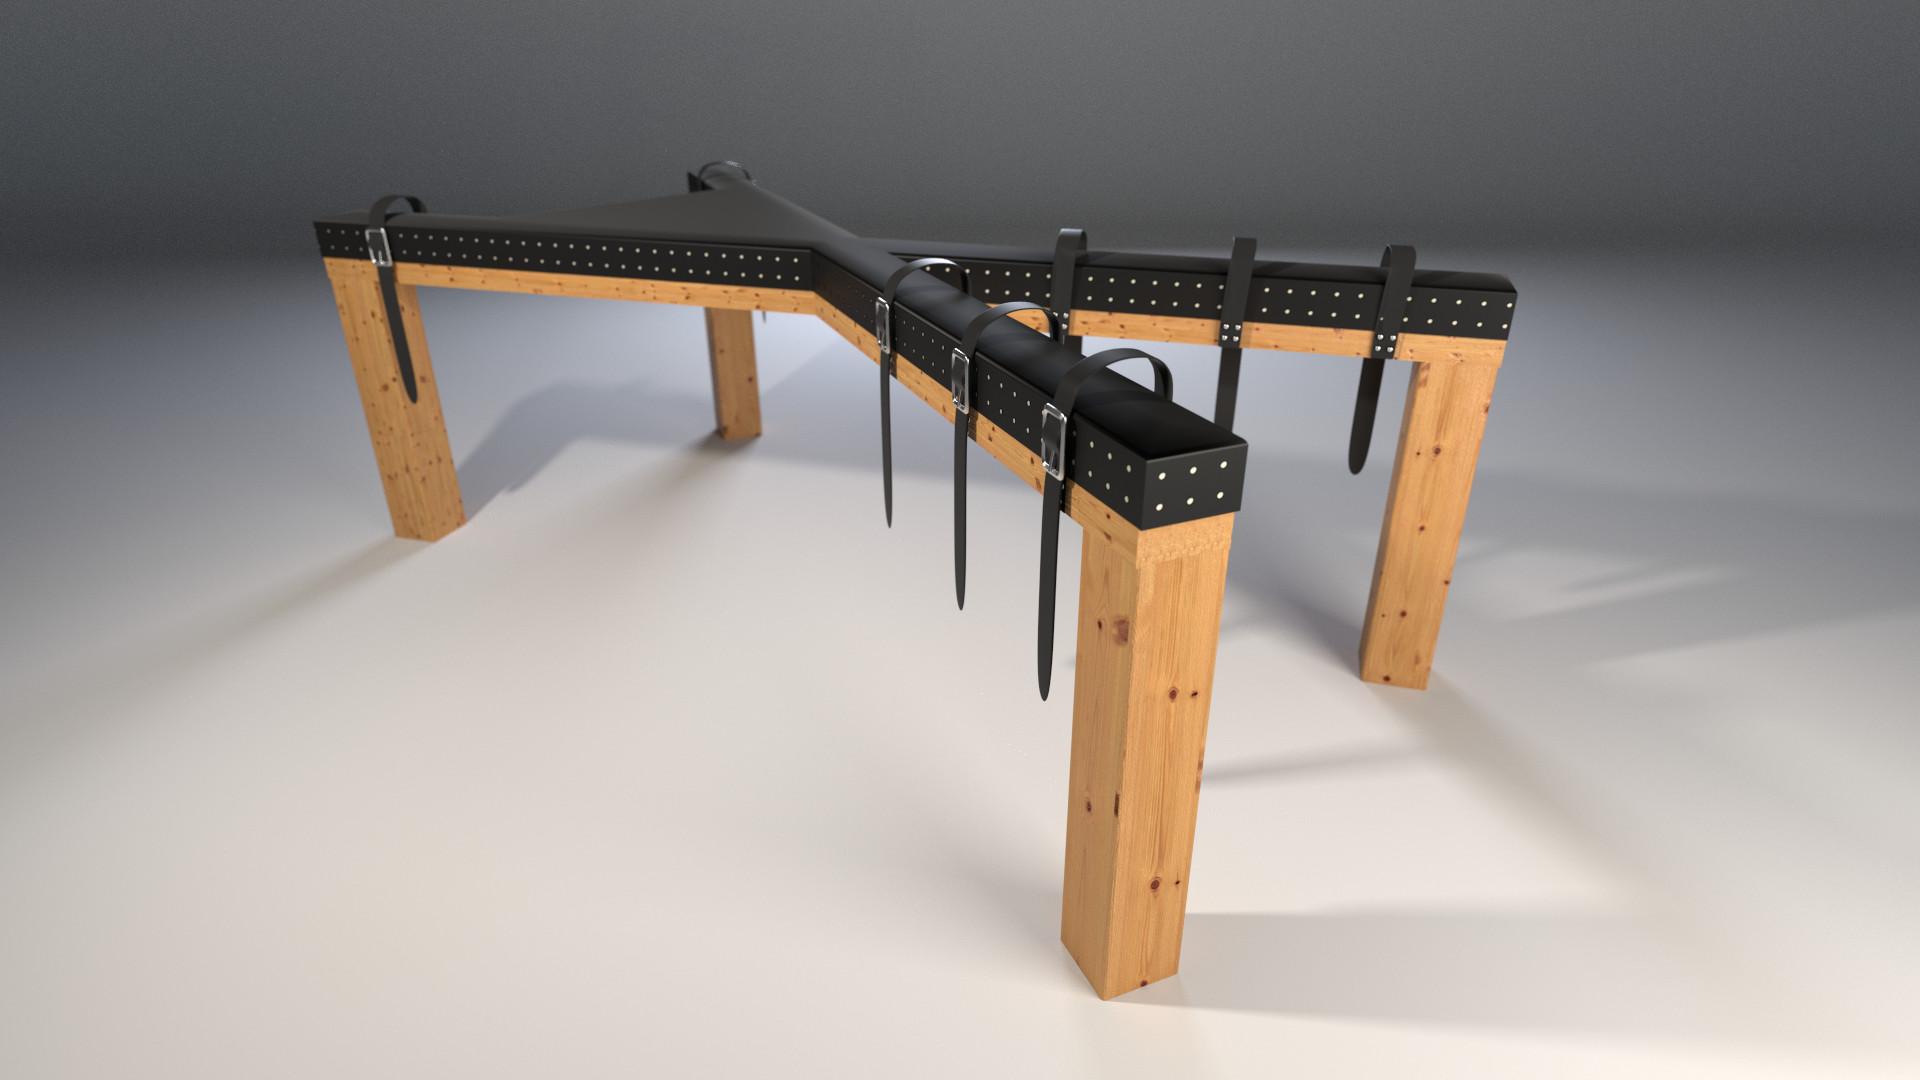 Bondage Furniture Works In Progress Blender Artists Community